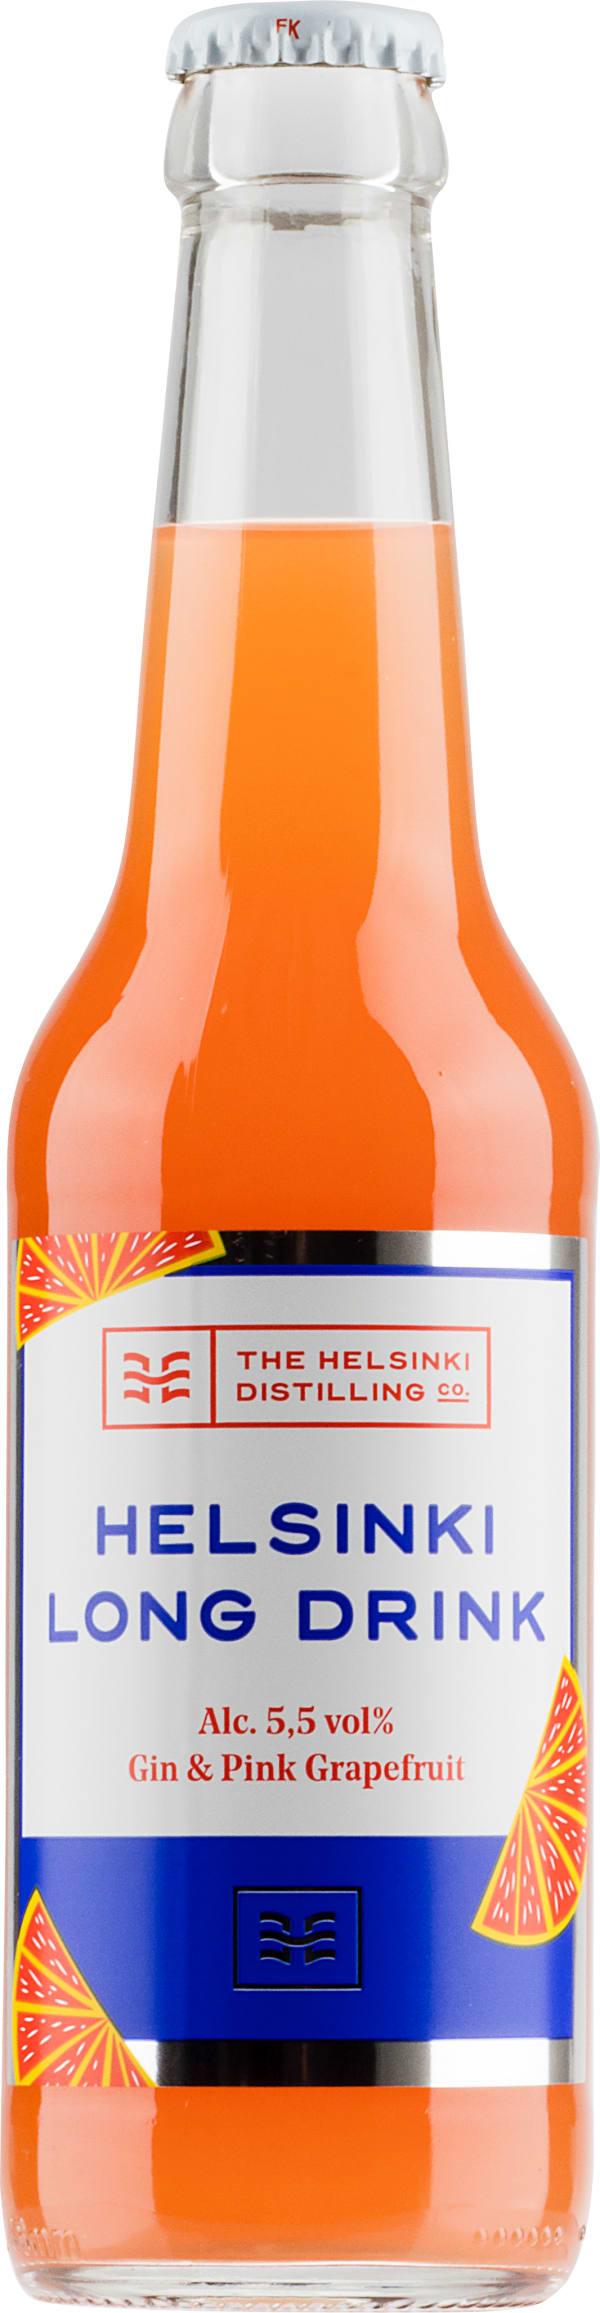 Helsinki Long Drink Gin & Pink Grapefruit